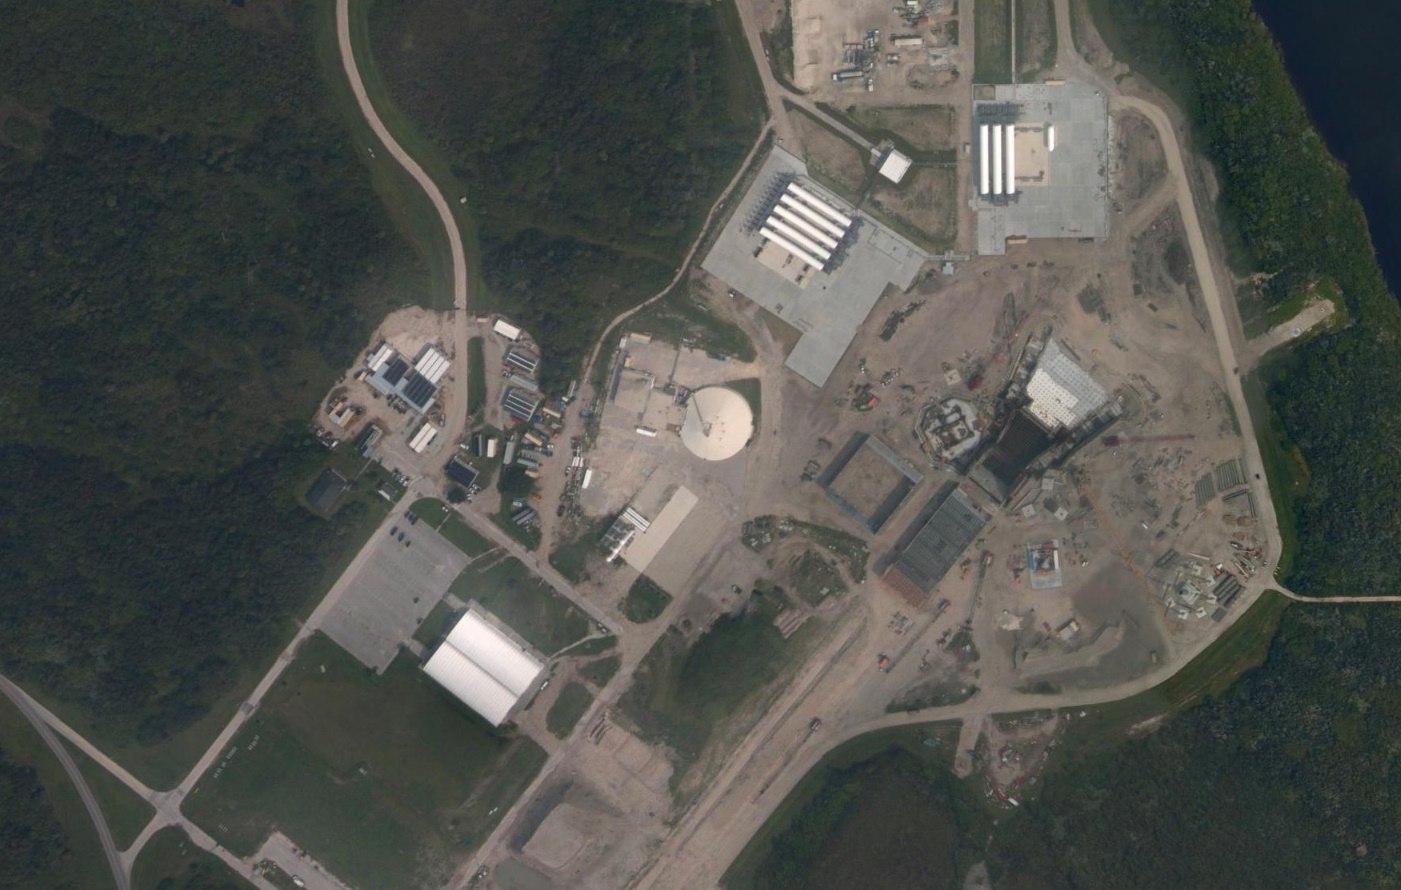 Foto satellitare